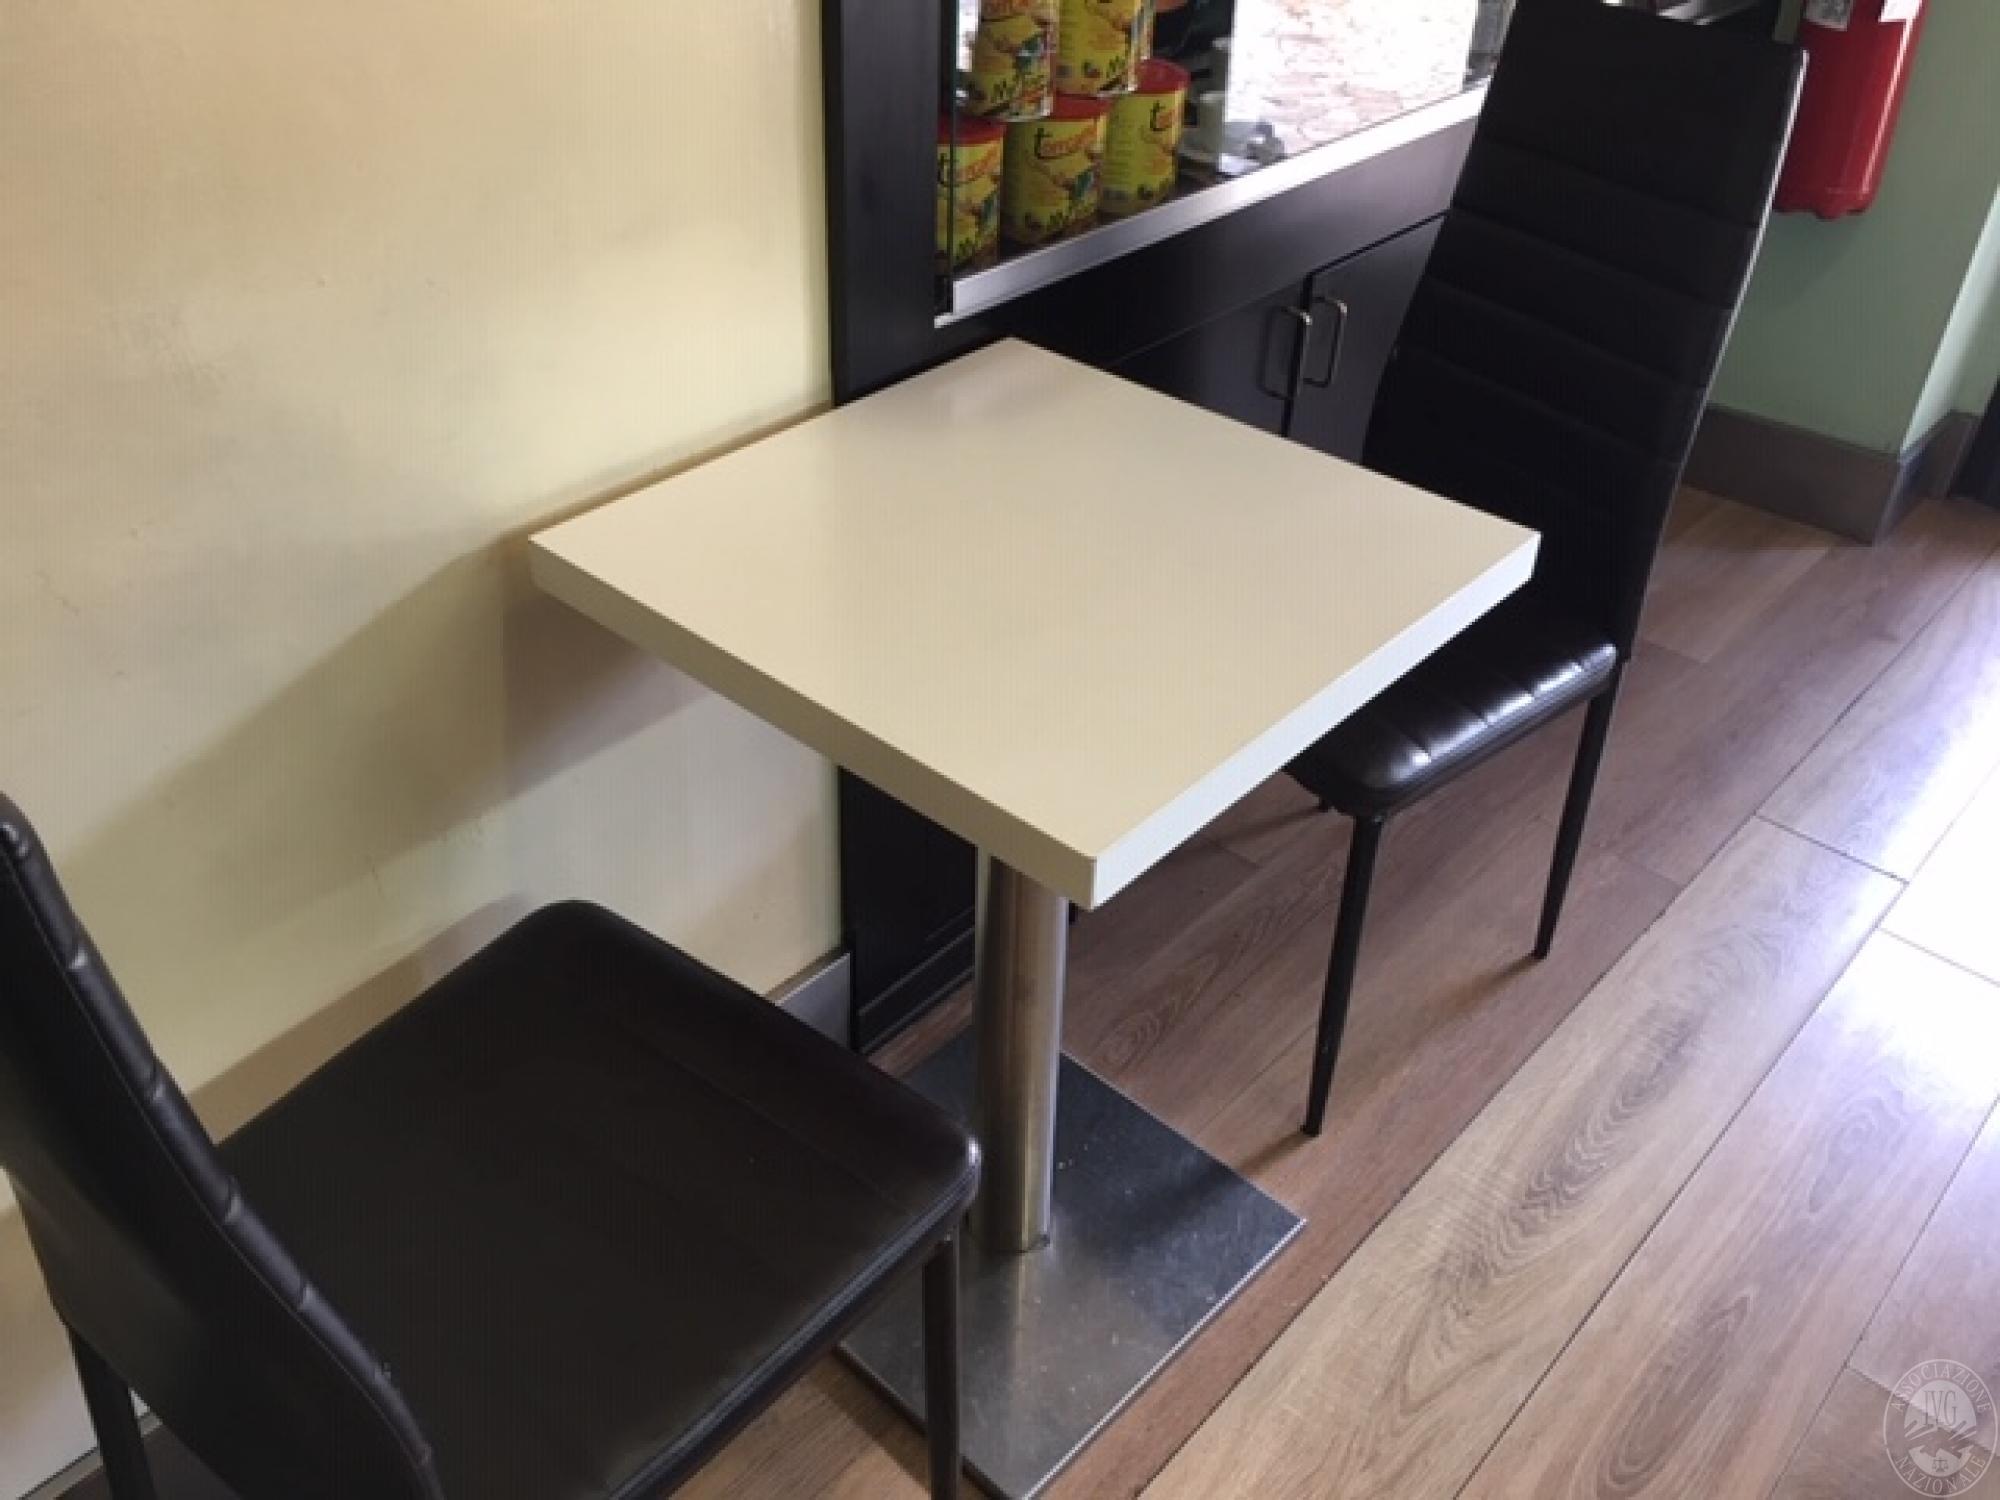 N tavolini n sedie n sgabelli